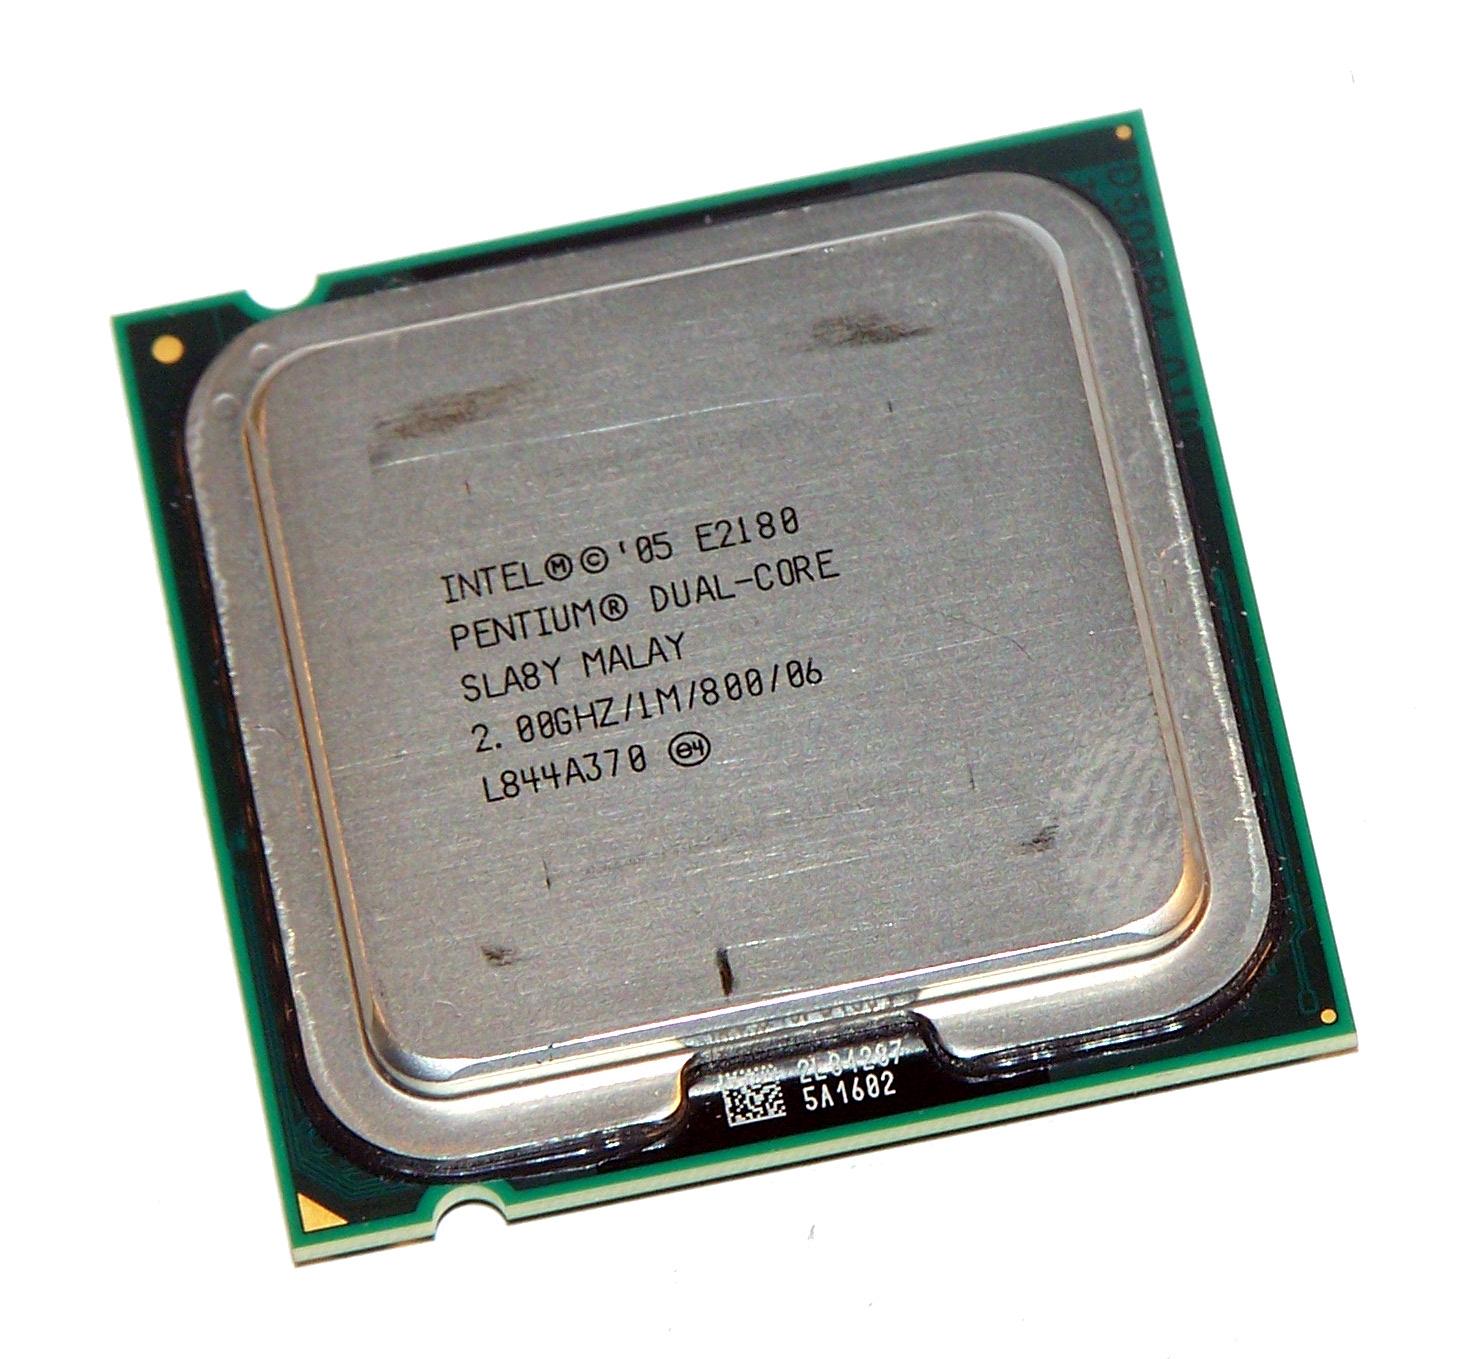 Intel Pentium Dual Core E2180 2.0GHz SLA8Y 800FSB 1MB Cache 775 Processor